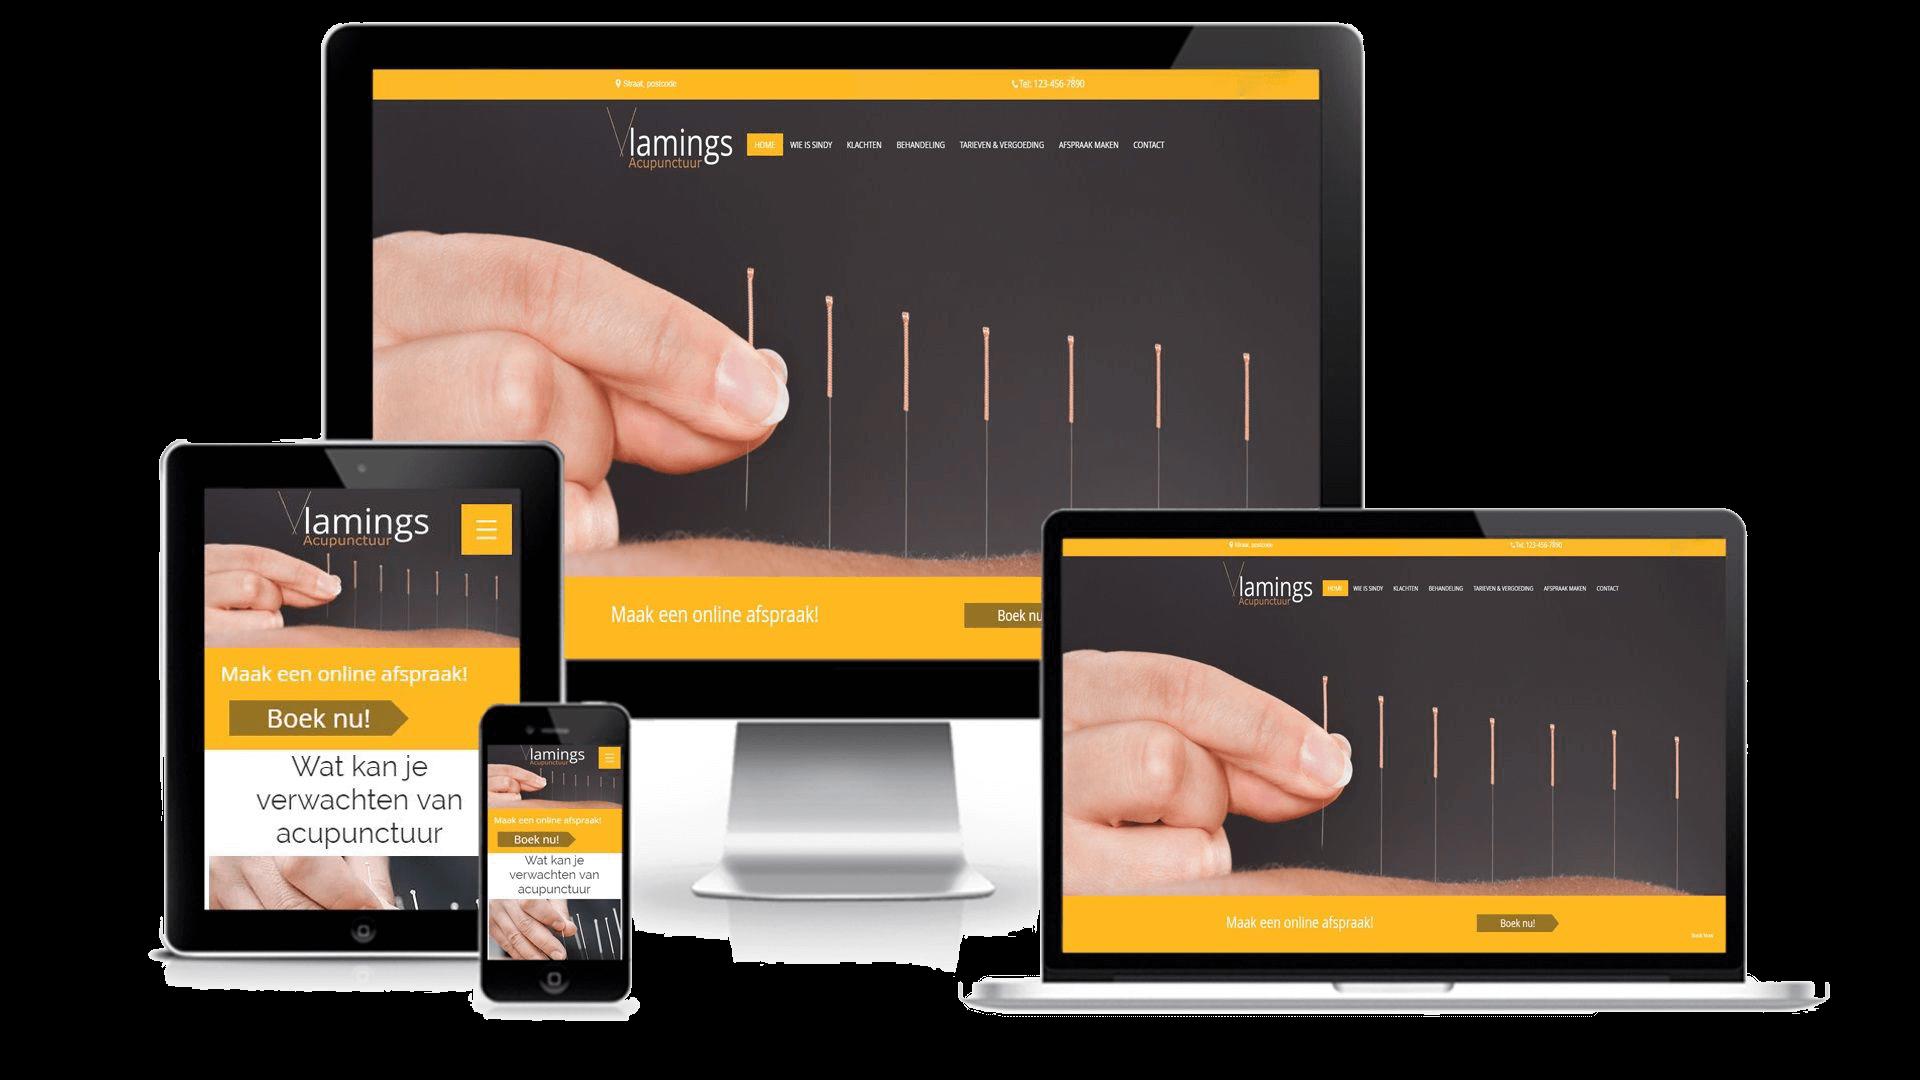 acupunctuur vlamings - webdesign